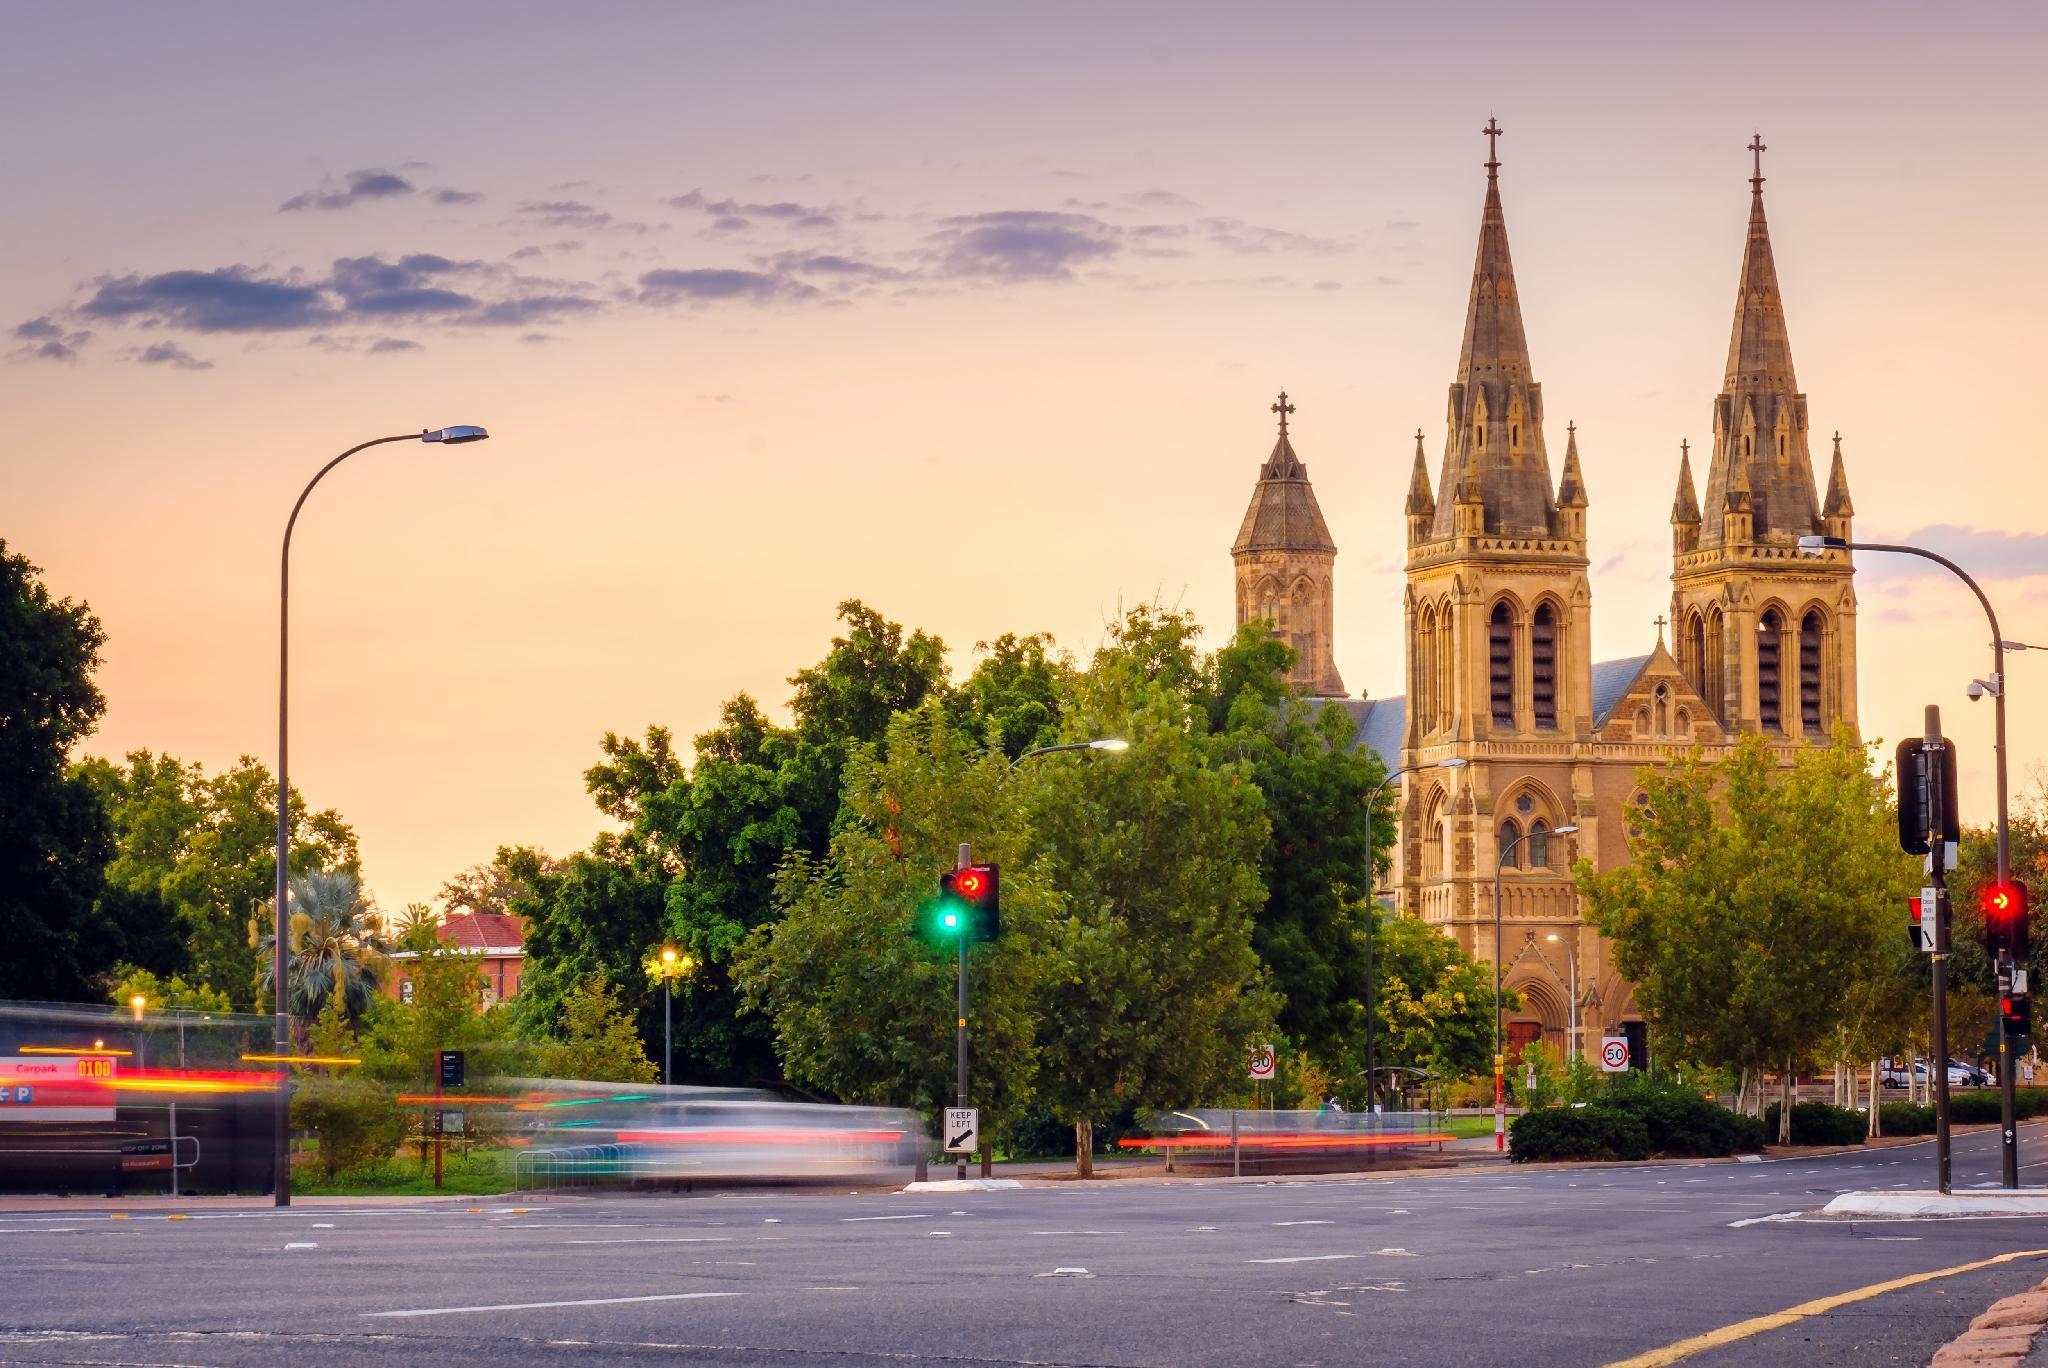 Bishop's Garden, Adelaide